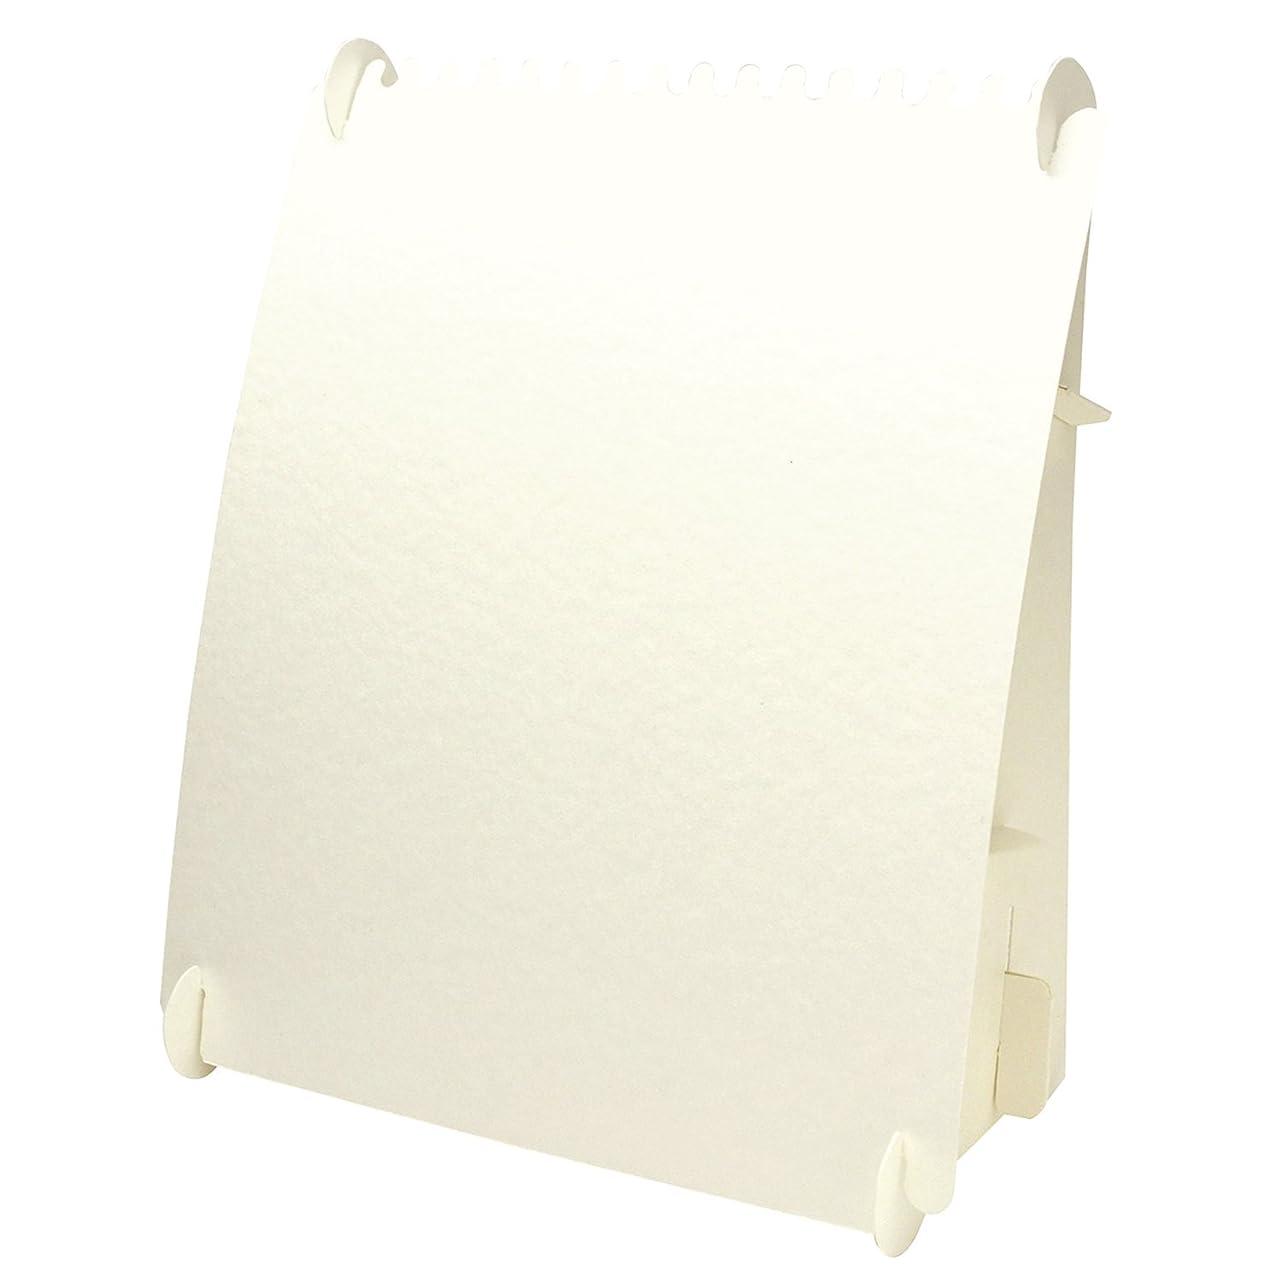 うまくいけばペネロペ呼ぶタカ印 ディスプレイ 44-5815 オリジナルワークス ネックレスボード 組立式 2個 ホワイト